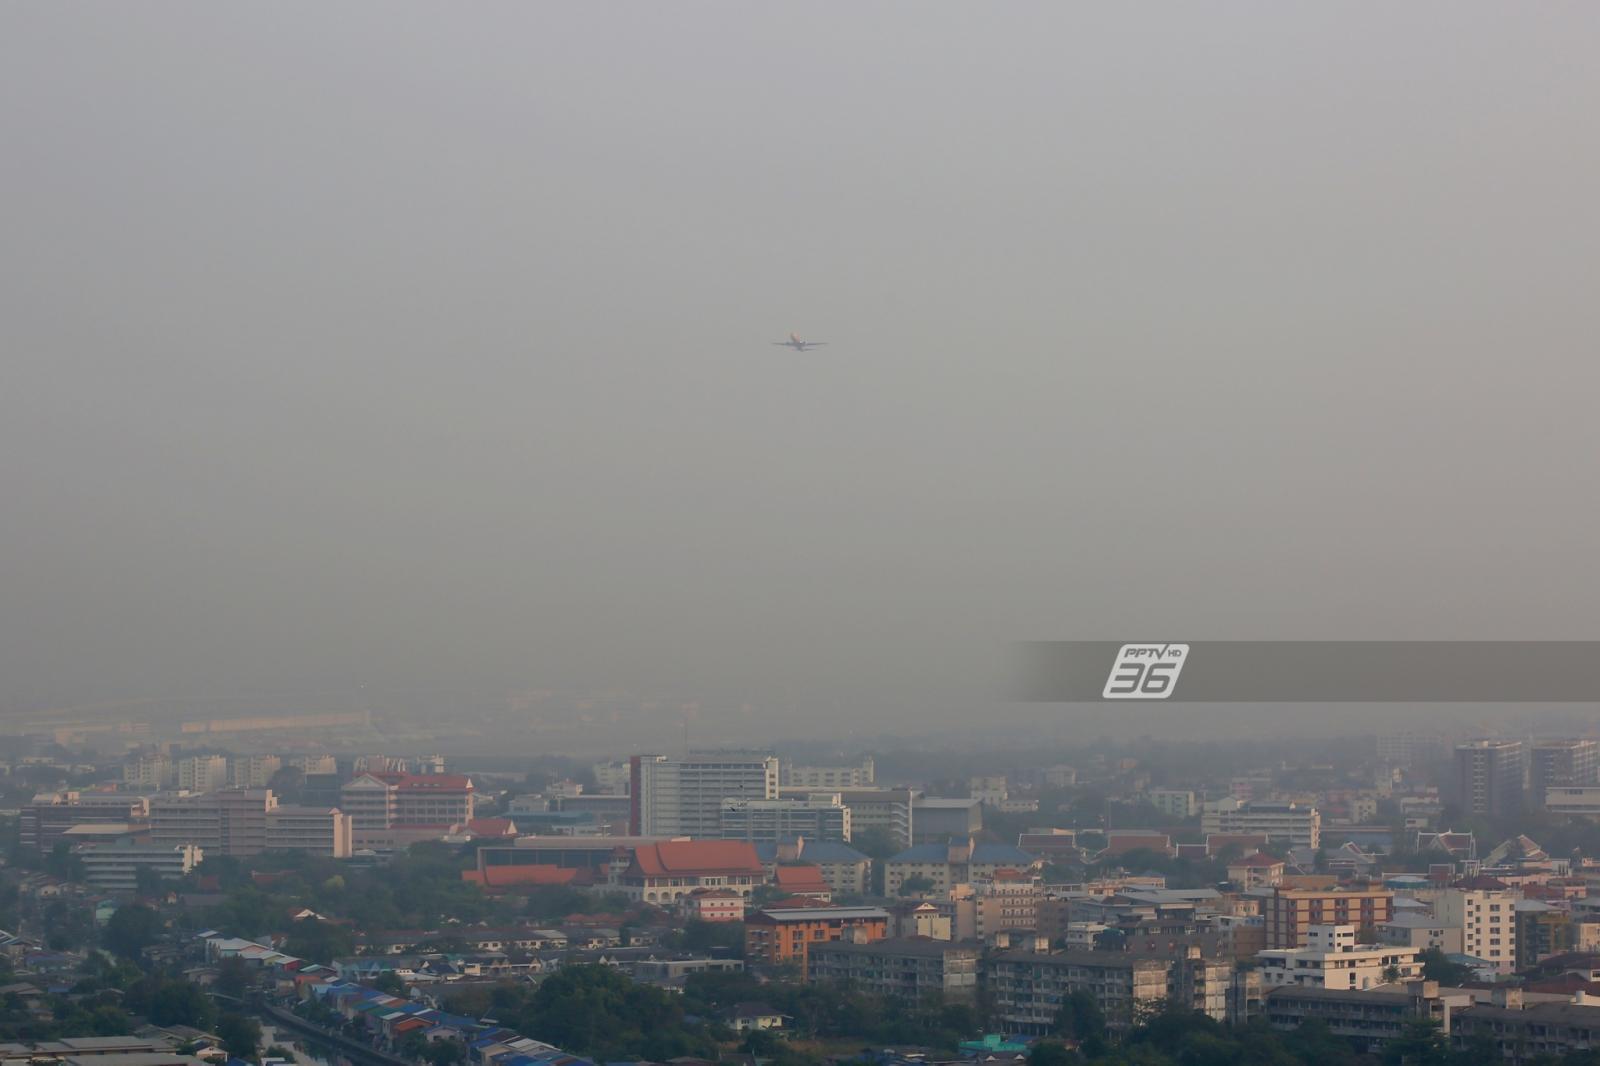 กทม. – ปริมณฑล ฝุ่น PM 2.5 พุ่งสูง 39 พื้นที่ กระทบสุขภาพ